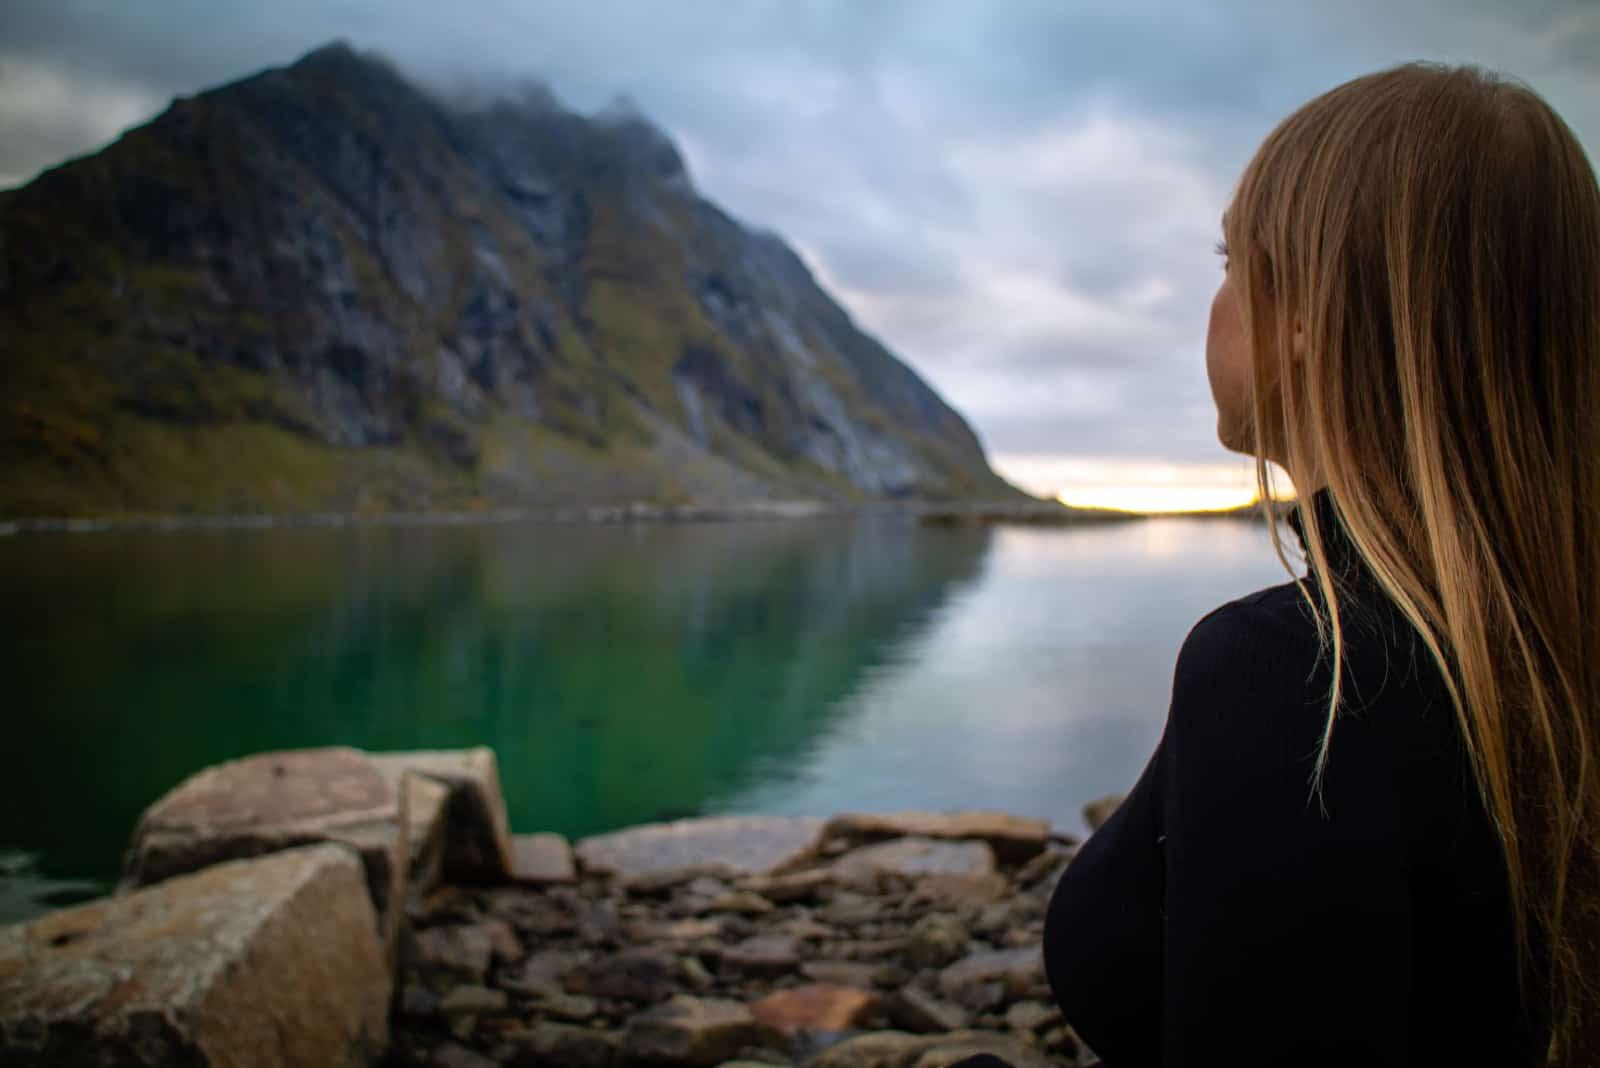 femme assise sur un rocher en regardant la montagne